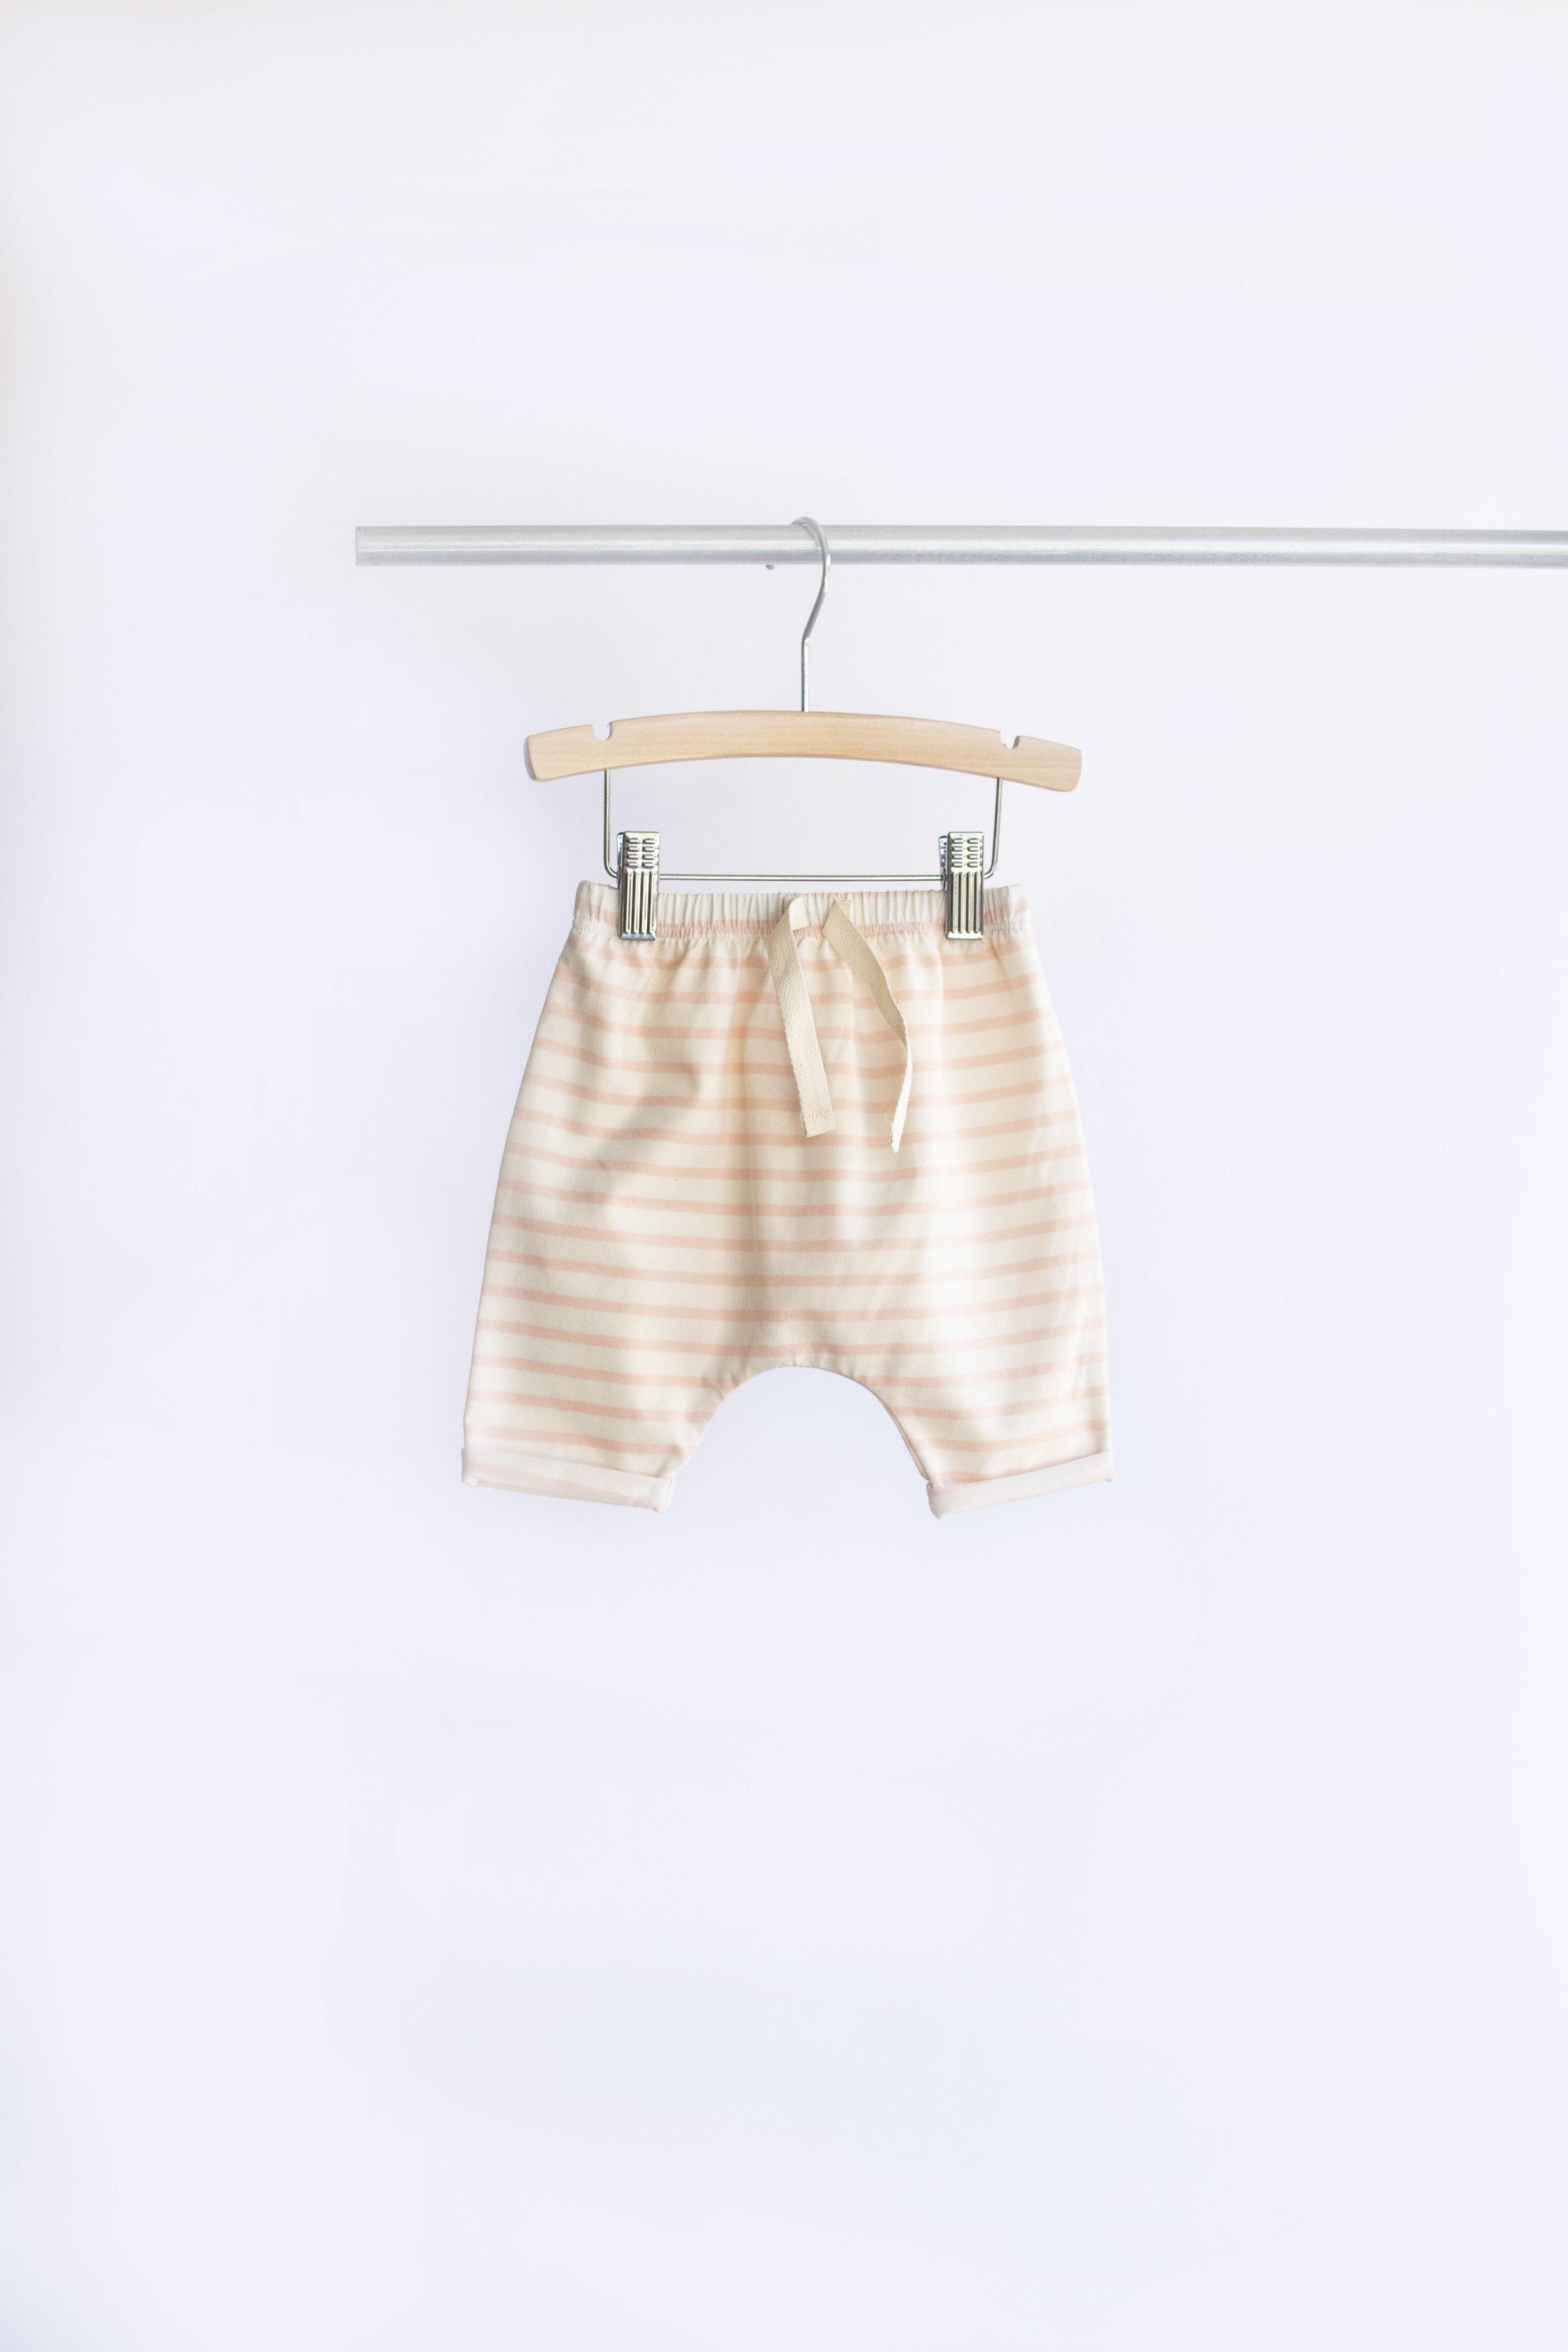 shorts9.jpg